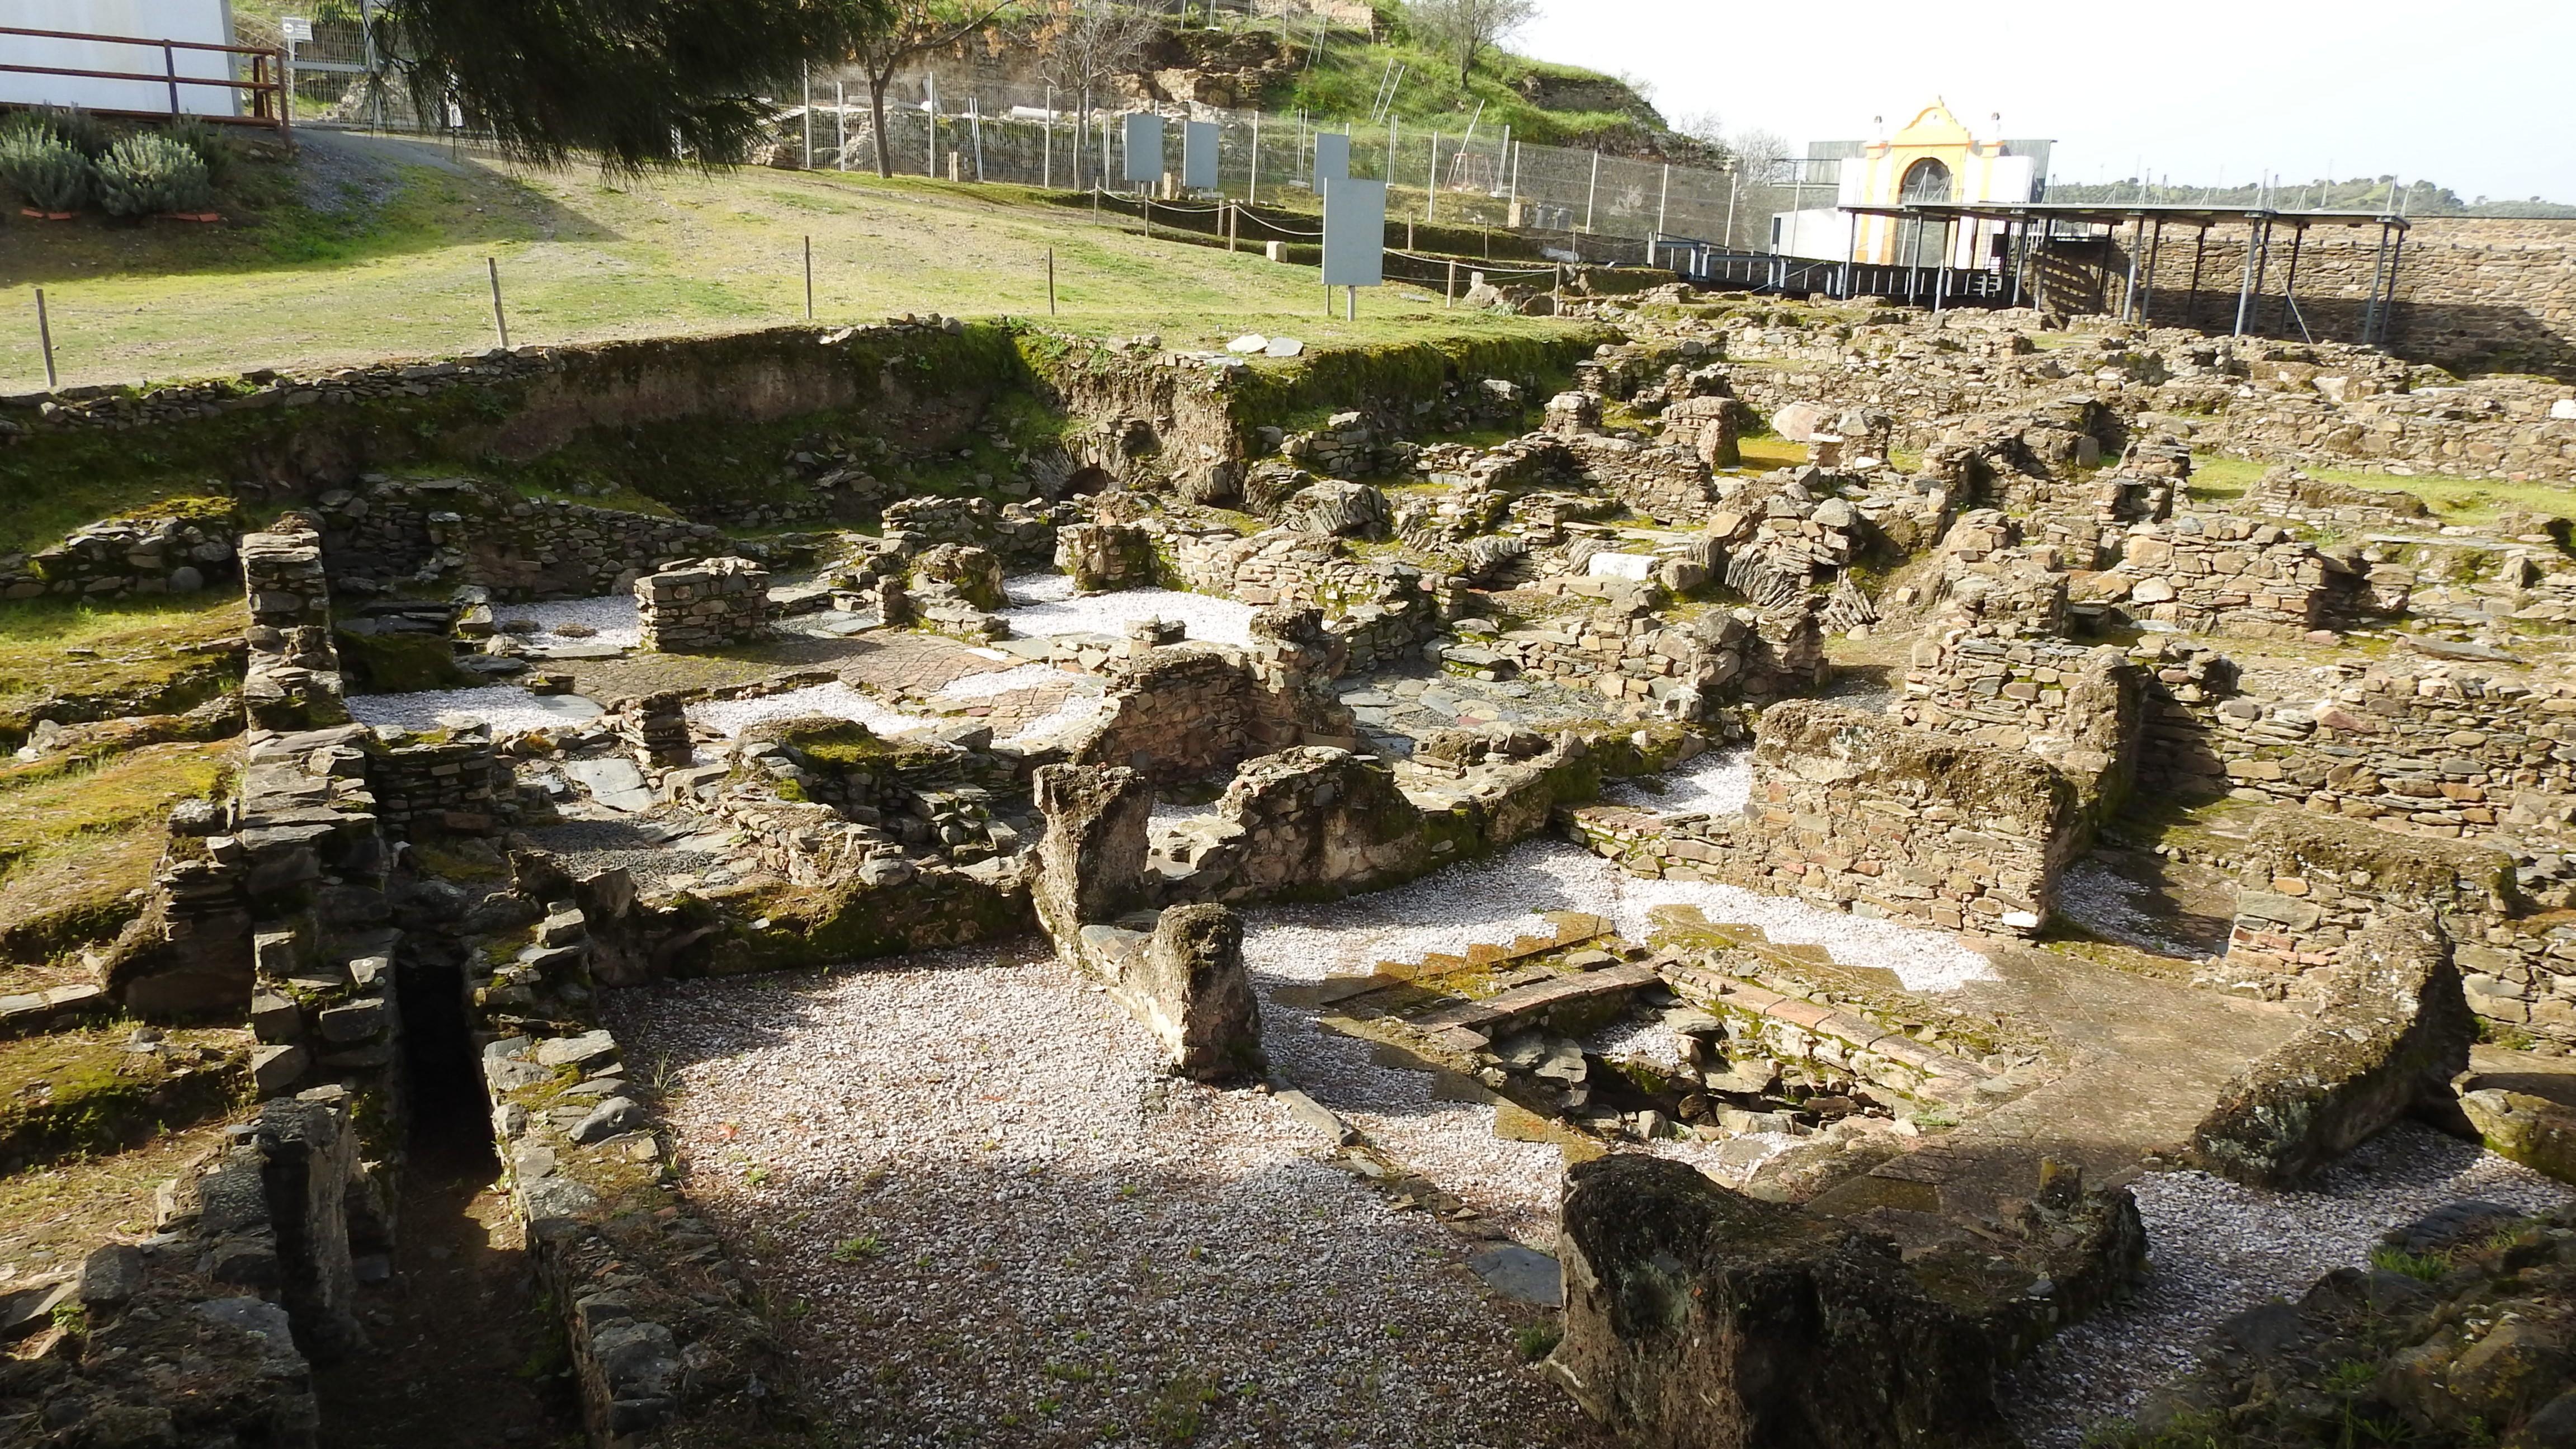 The Alcáçova of Mértola